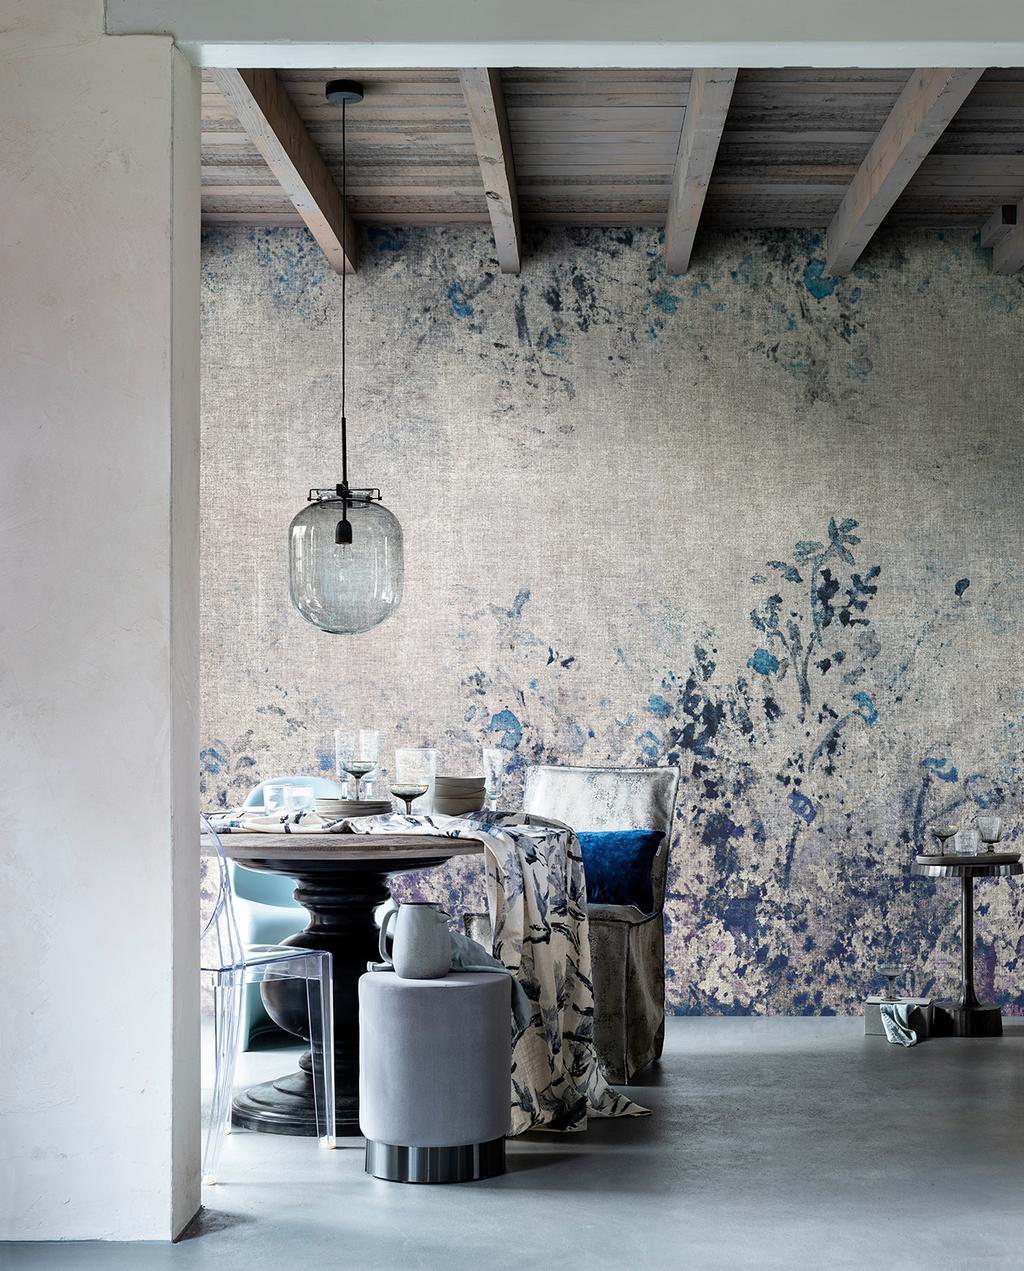 vtwonen 03-2020 stof verf & behang | eetkamer met bloemenbehang en glazen hanglamp